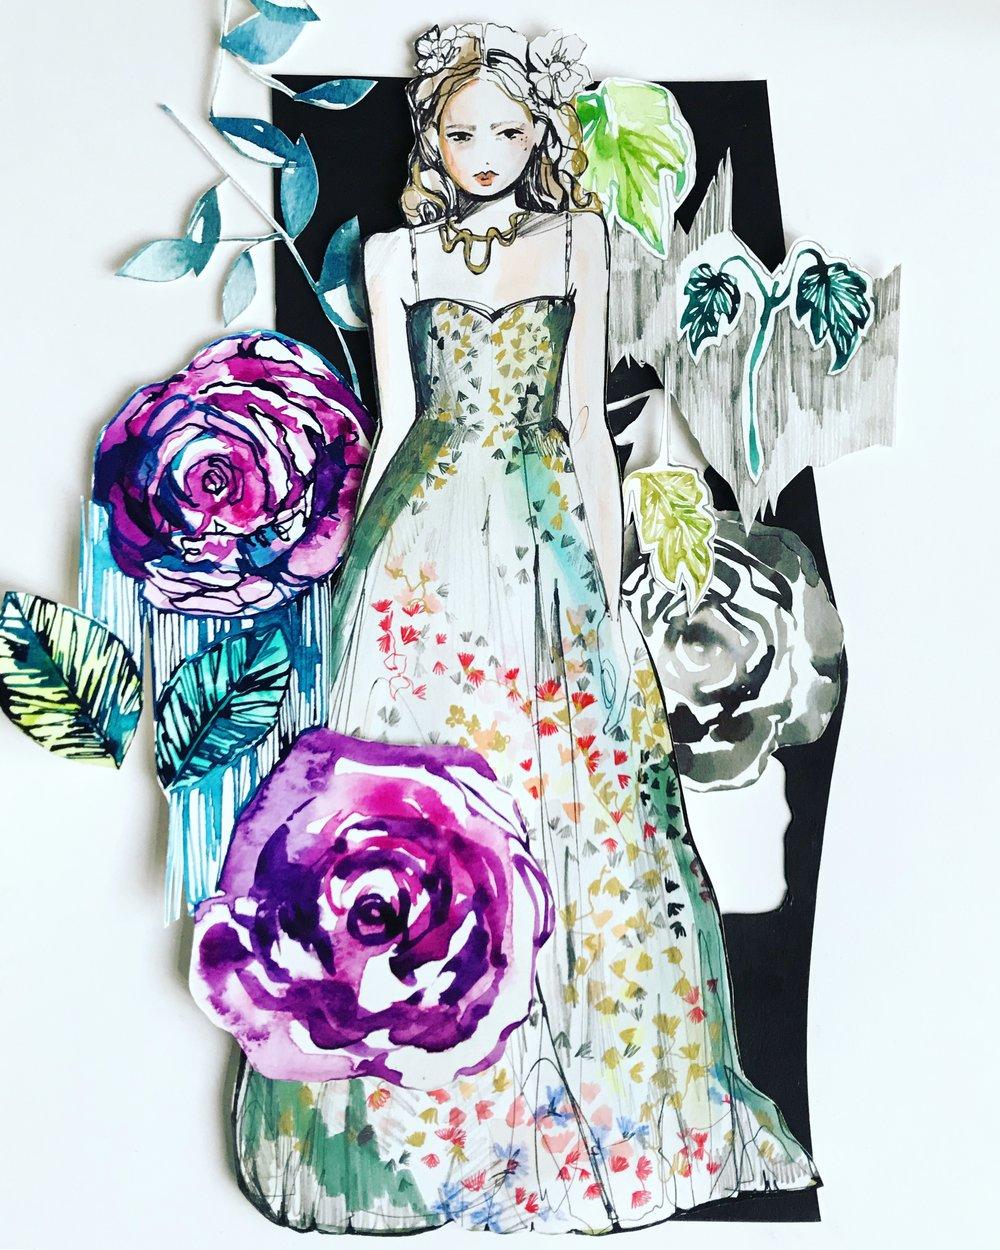 Dior Garden collage by Holly Sharpe